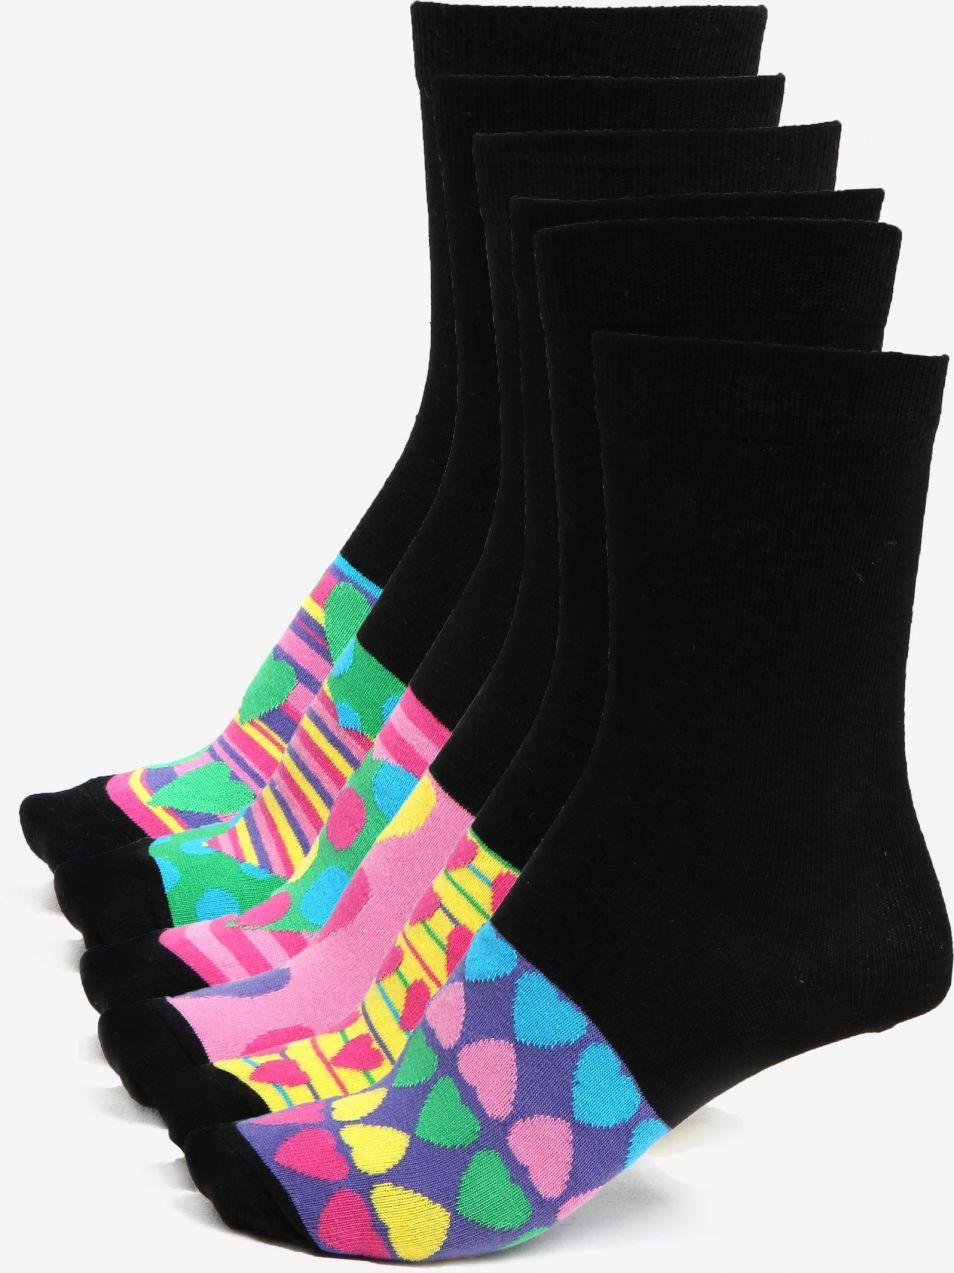 Súprava šiestich dámskych vzorovaných ponožiek v čiernej a ružovej farbe  Oddsocks Secret značky Oddsocks - Lovely.sk b5abfa10463